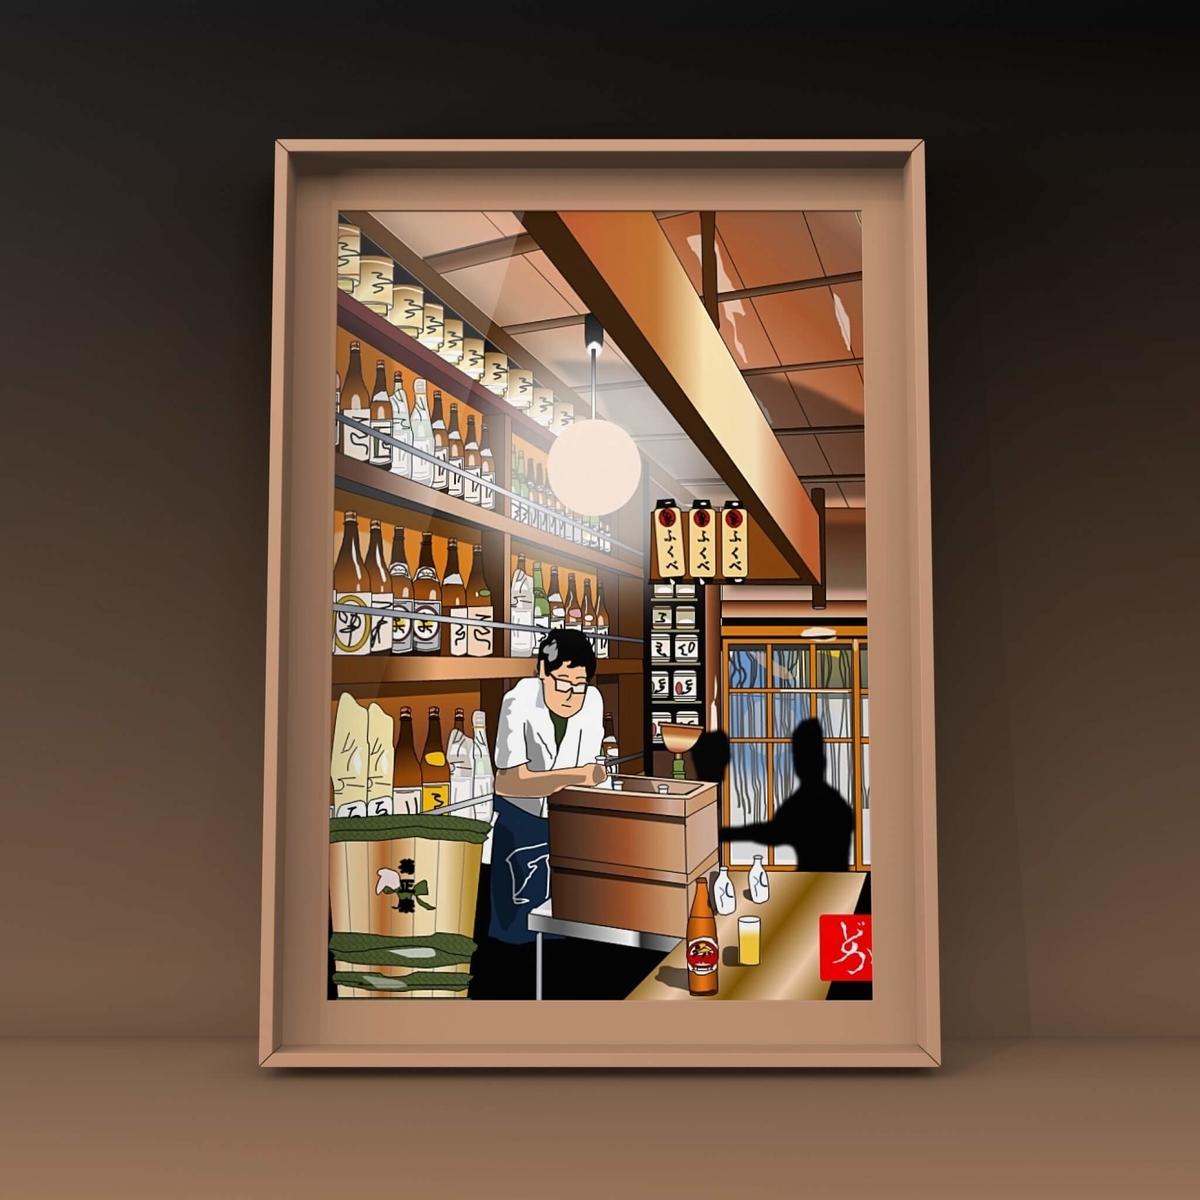 東京・八重洲にある飴色酒場「ふくべ」のエクセル画イラスト額装版